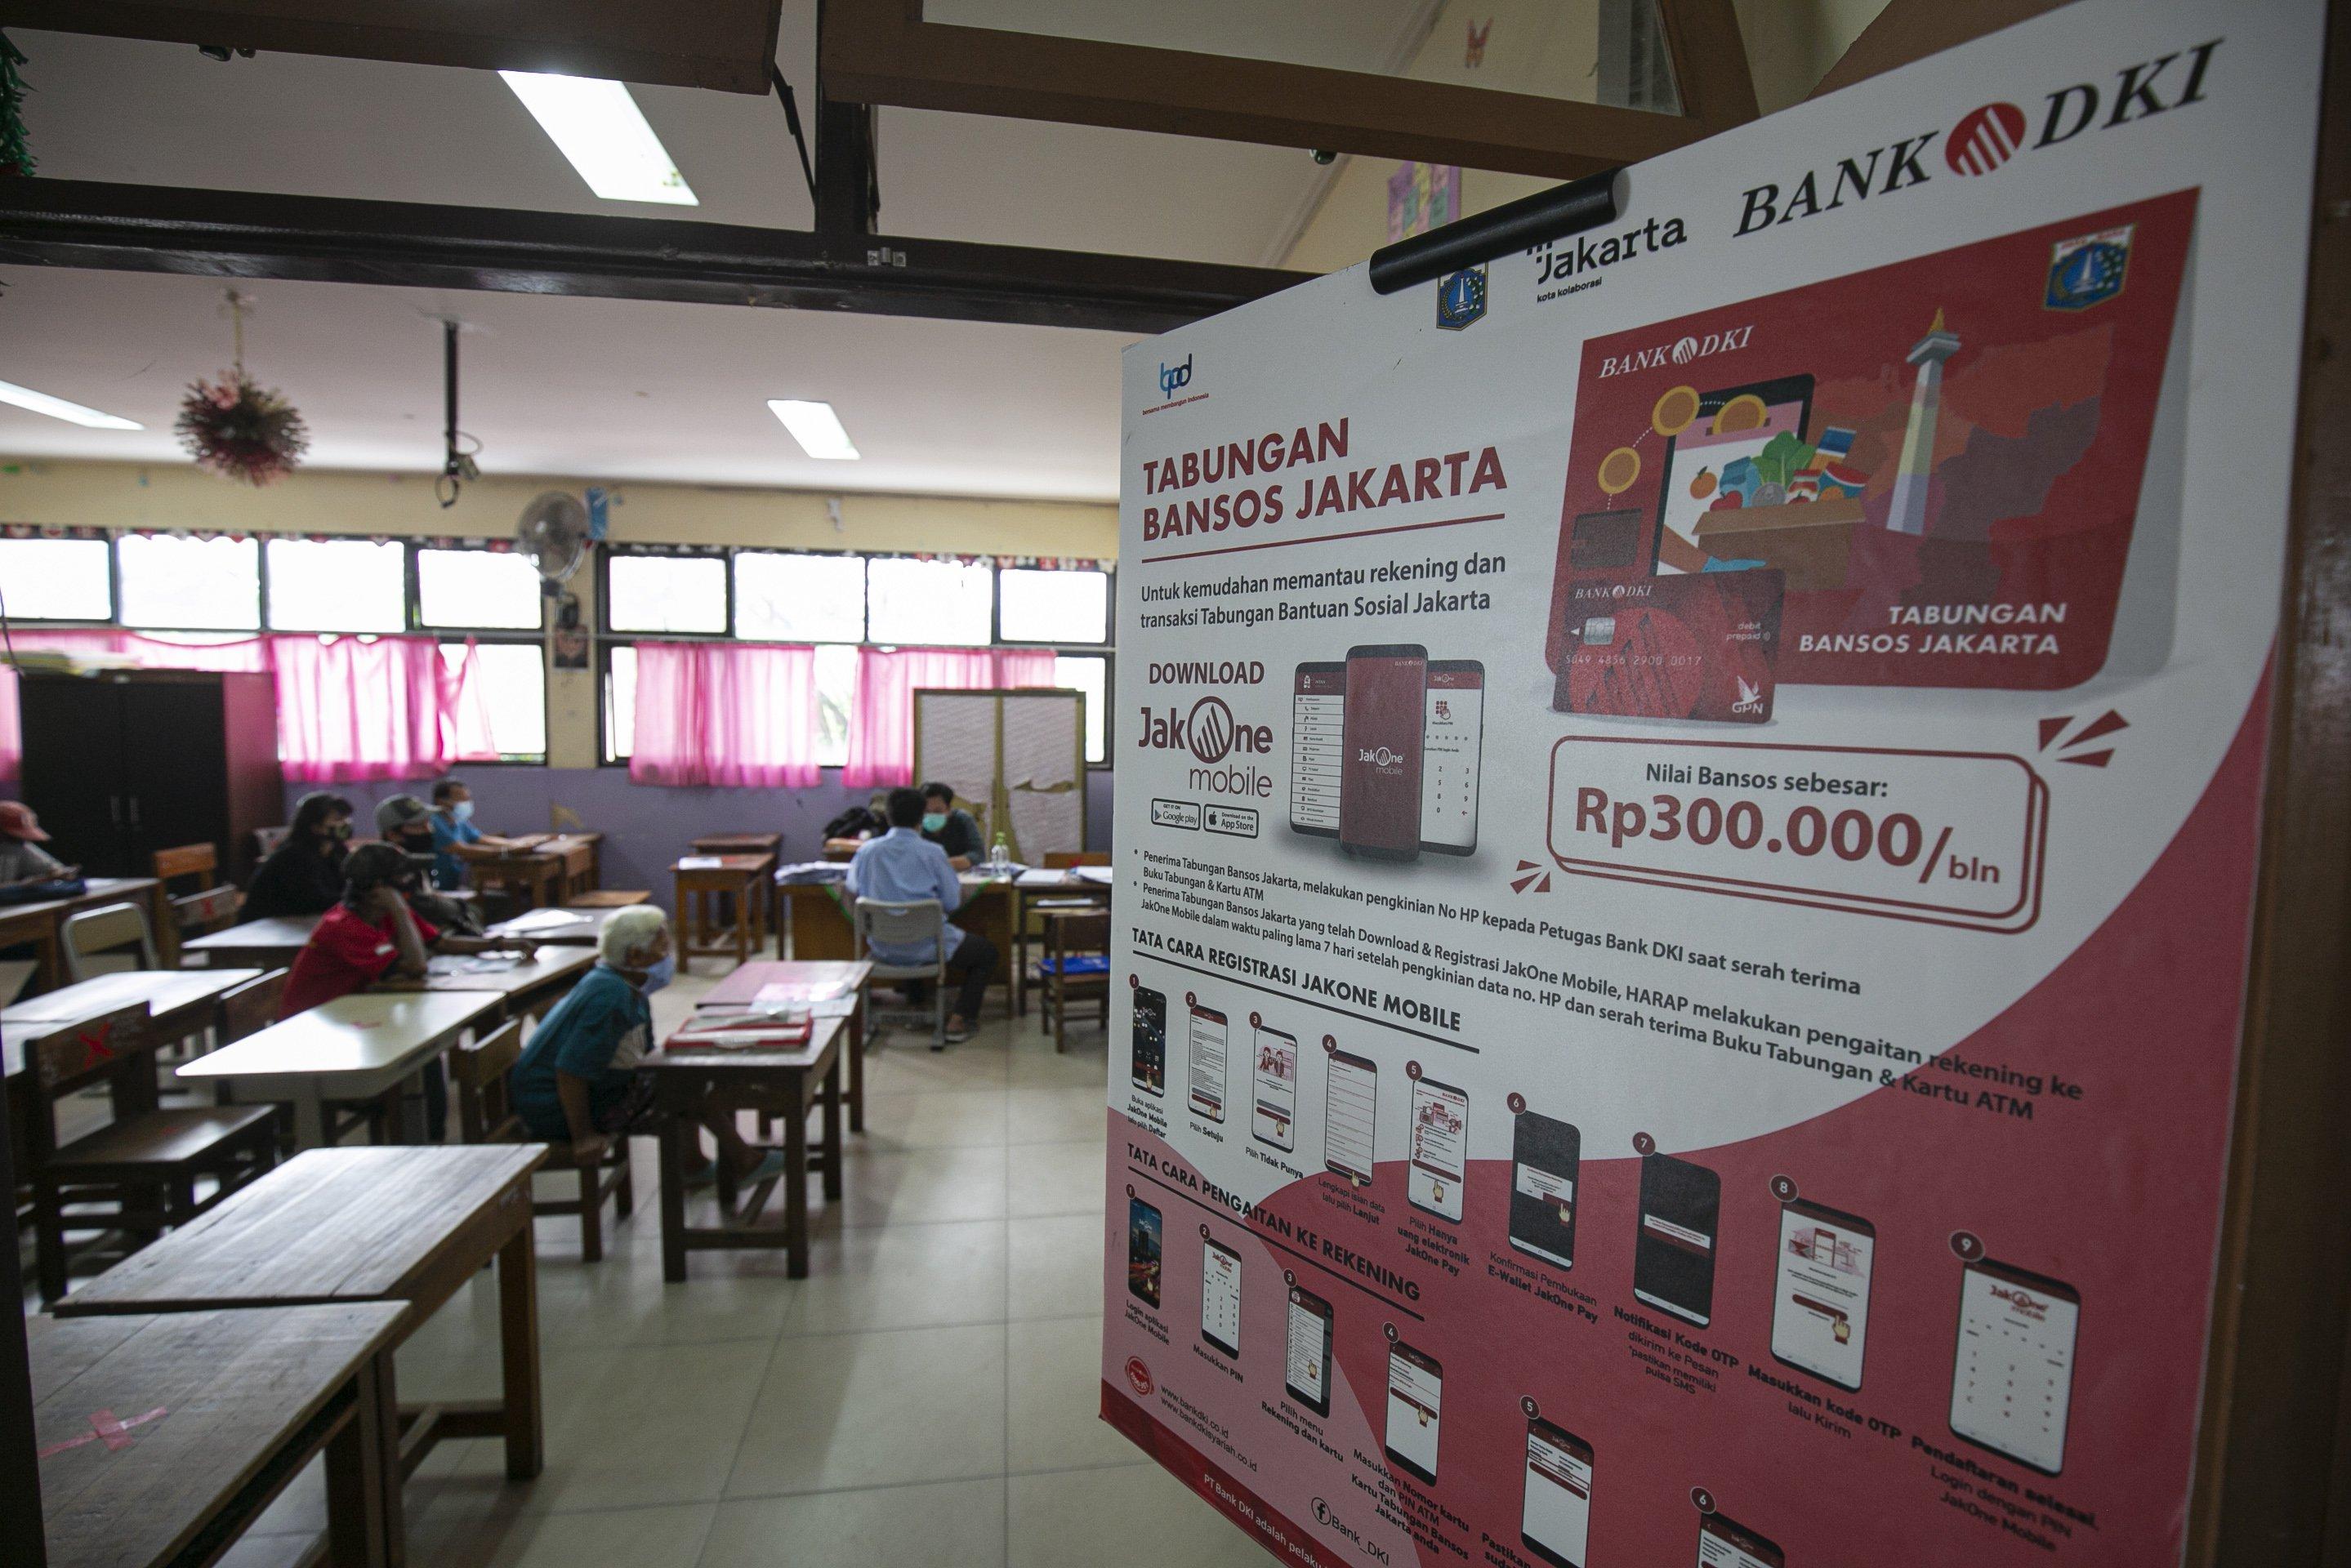 Warga mengisi dokumen persyaratan saat mengambil Bantuan Sosial Tunai (BST) di SDN Penjaringan 06 Pagi, Jakarta Utara, Selasa (19/1/2021). Pemprov DKI Jakarta menyalurkan BST sebesar Rp300 ribu per KK kepada 1.055.216 KK mulai Januari hingga April 2021.